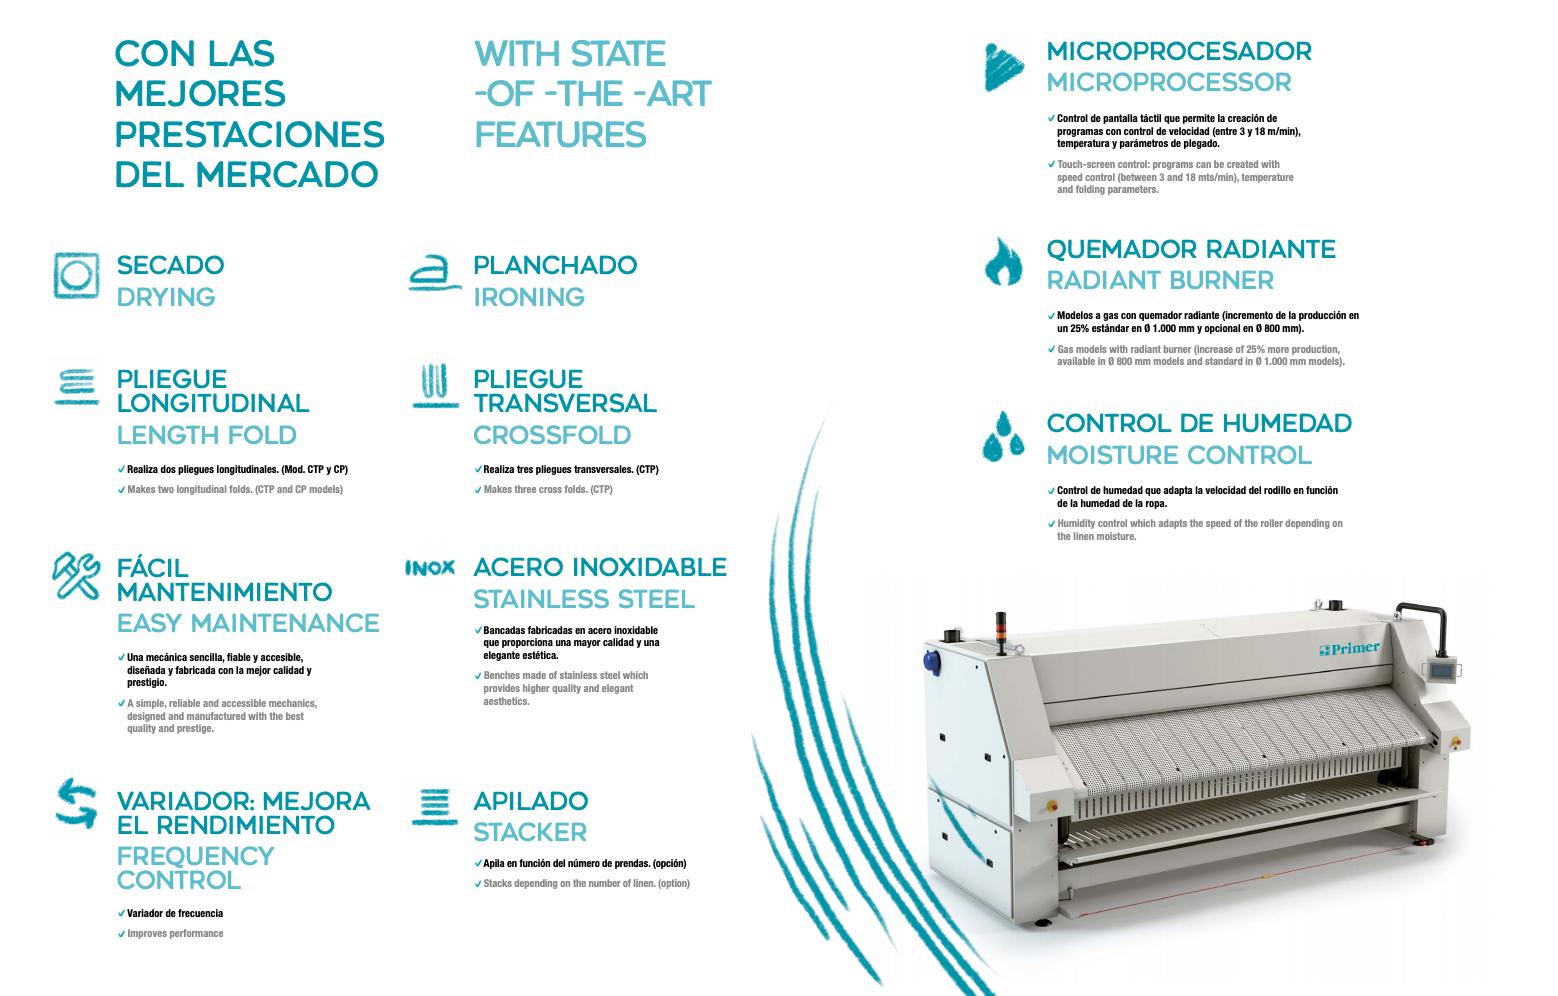 Planchadora o calandra Primer Laundry - CLAT Lavanderías